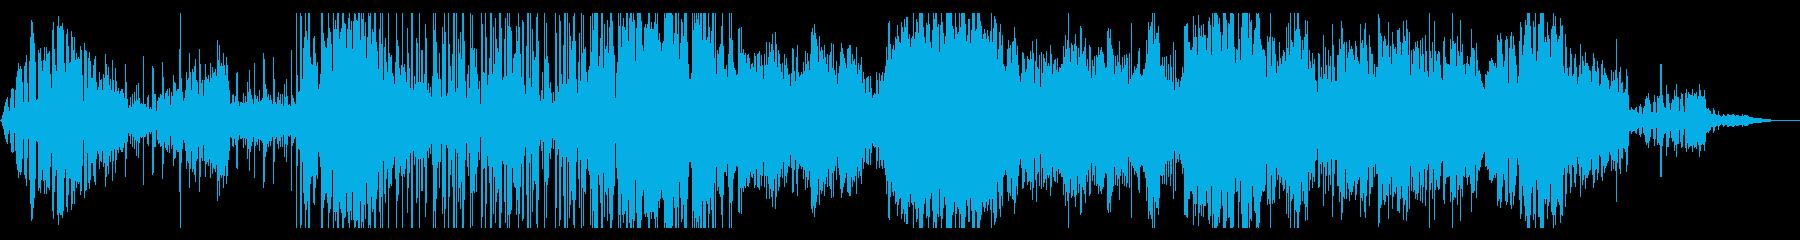 とらえどころのないディープなIDMの再生済みの波形